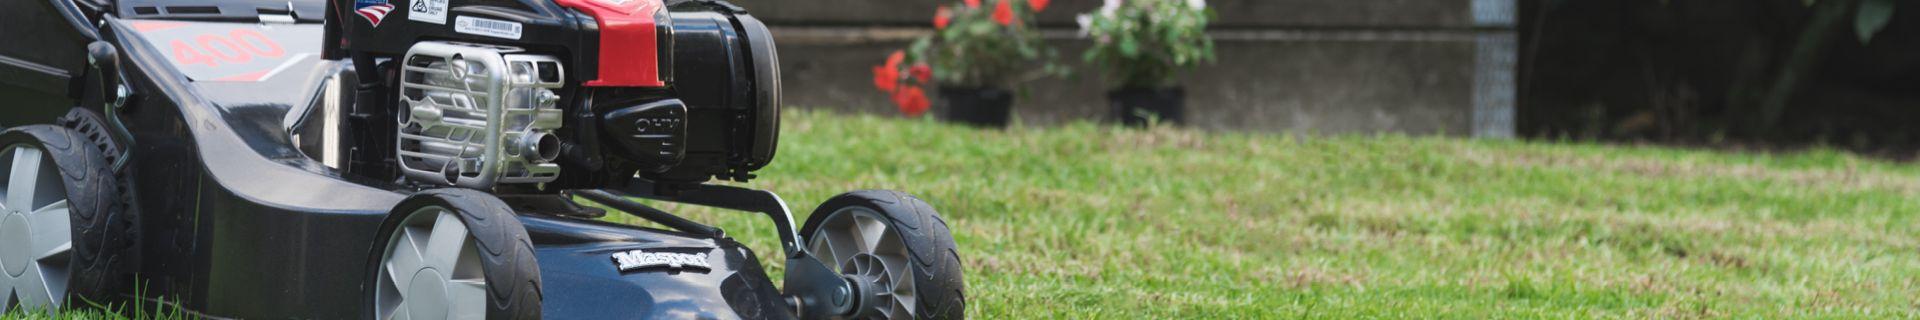 Lawn mower mowing lawn.